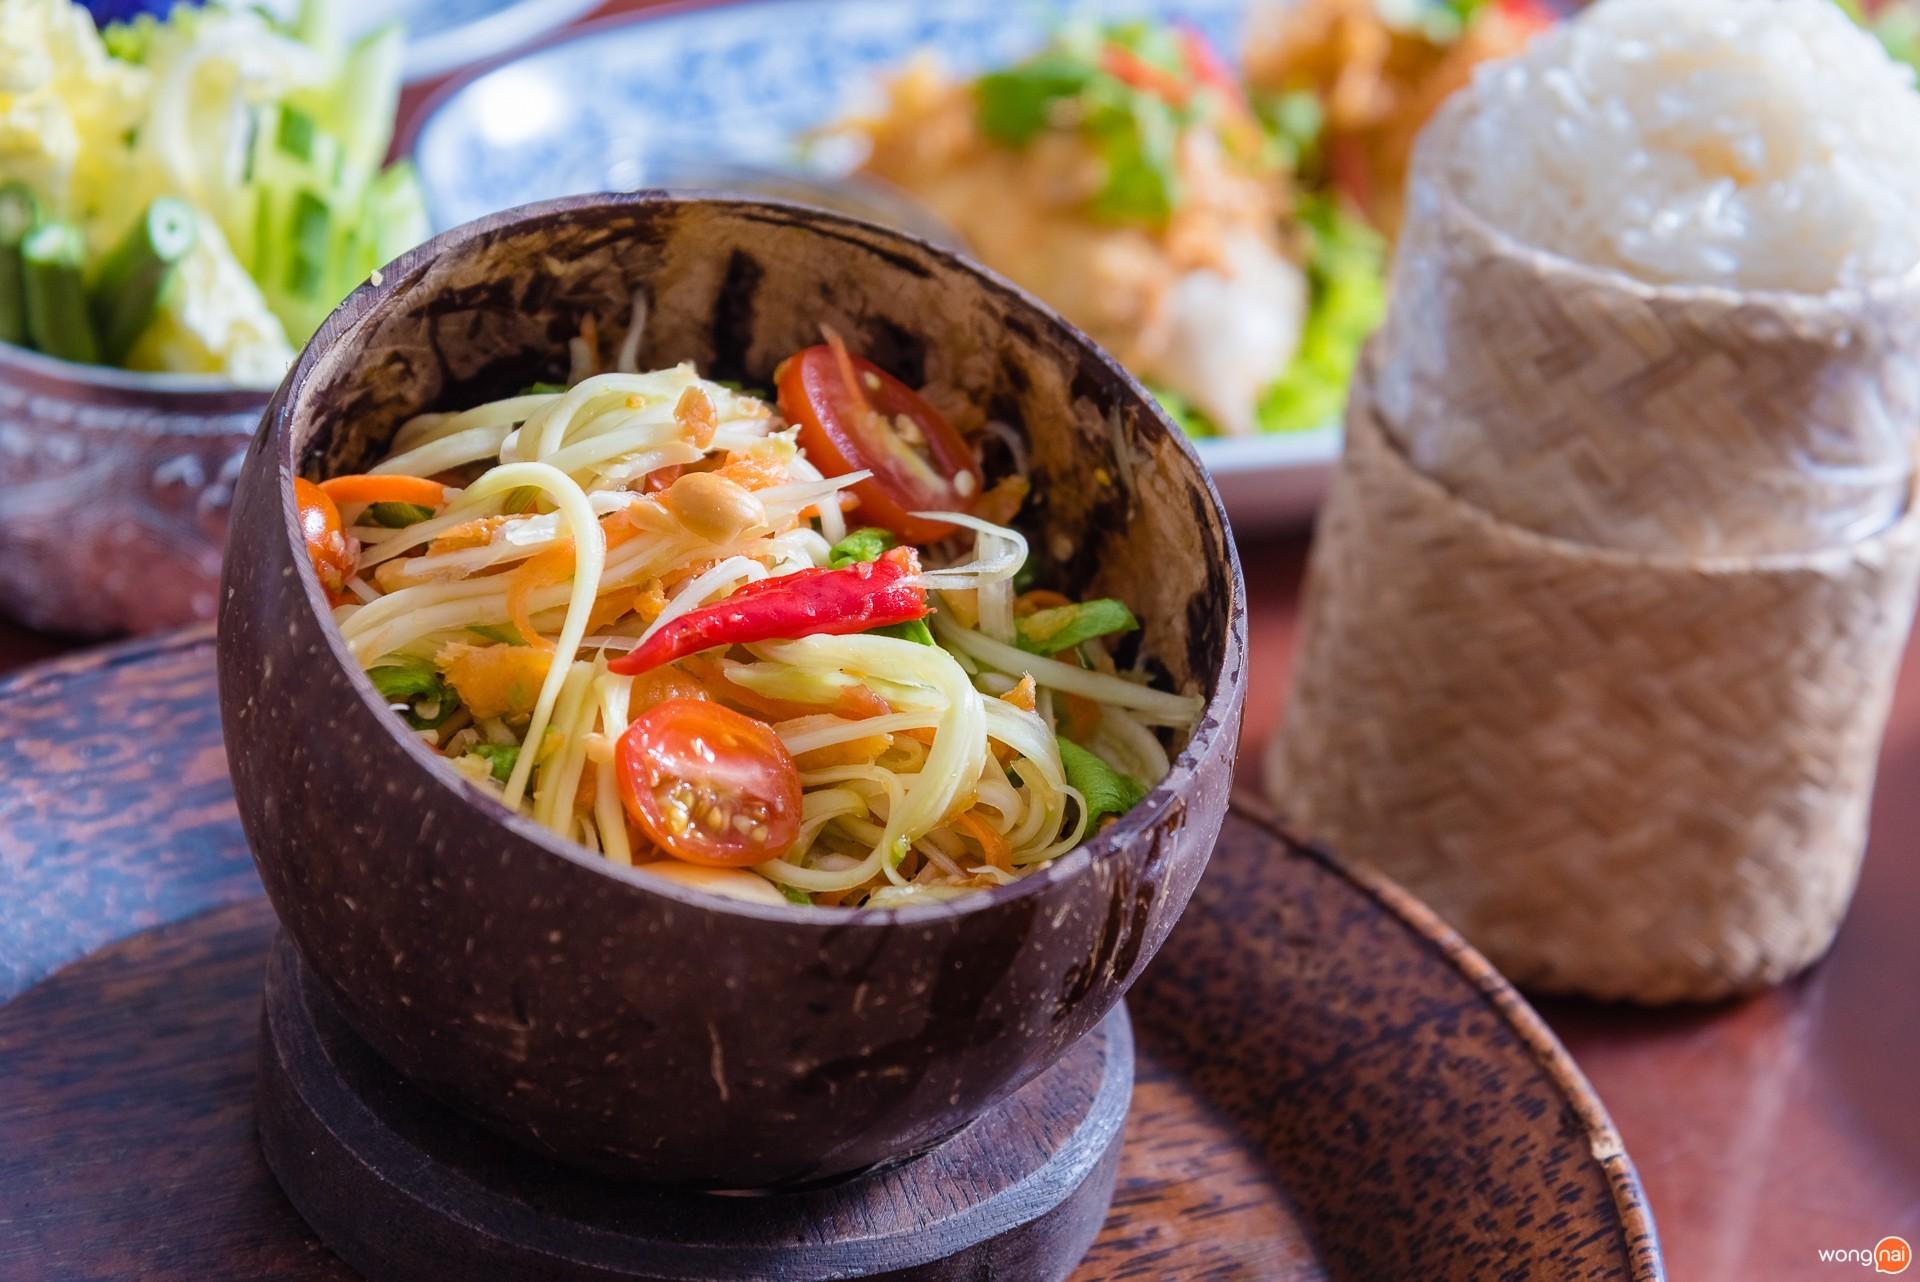 """เมนู """"ส้มตำไทย"""" ของร้าน """"Panwa House"""" แหลมพันวา ภูเก็ต"""